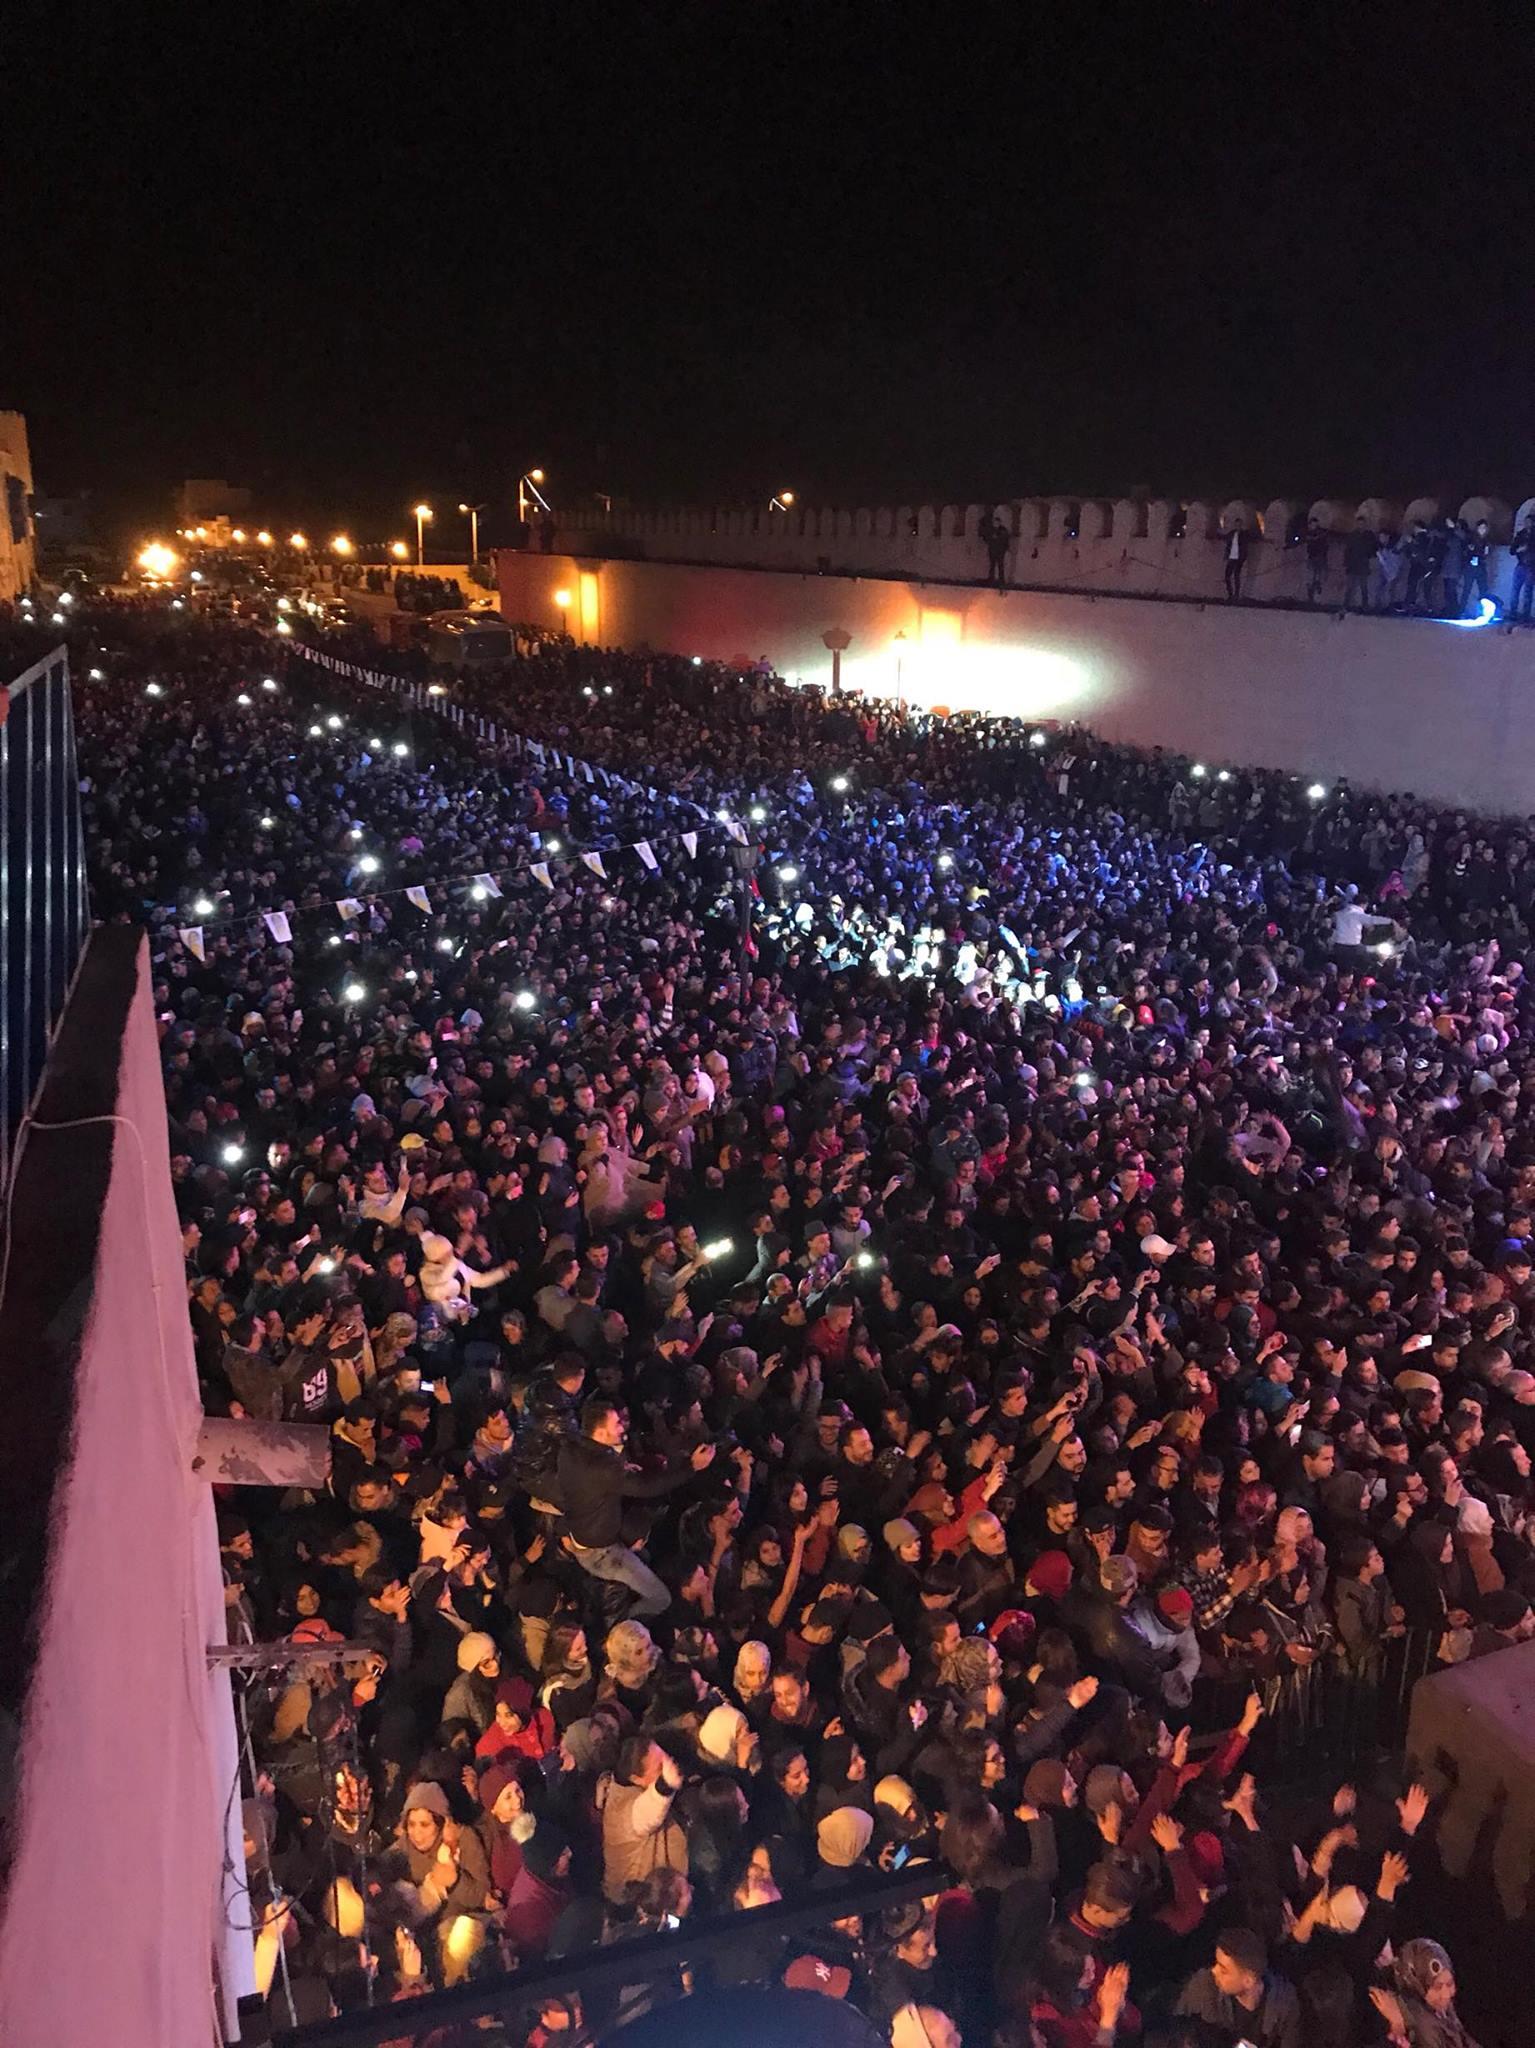 des dizaines de milliers de visiteurs venus de toutes les régions du pays et même de l'étranger